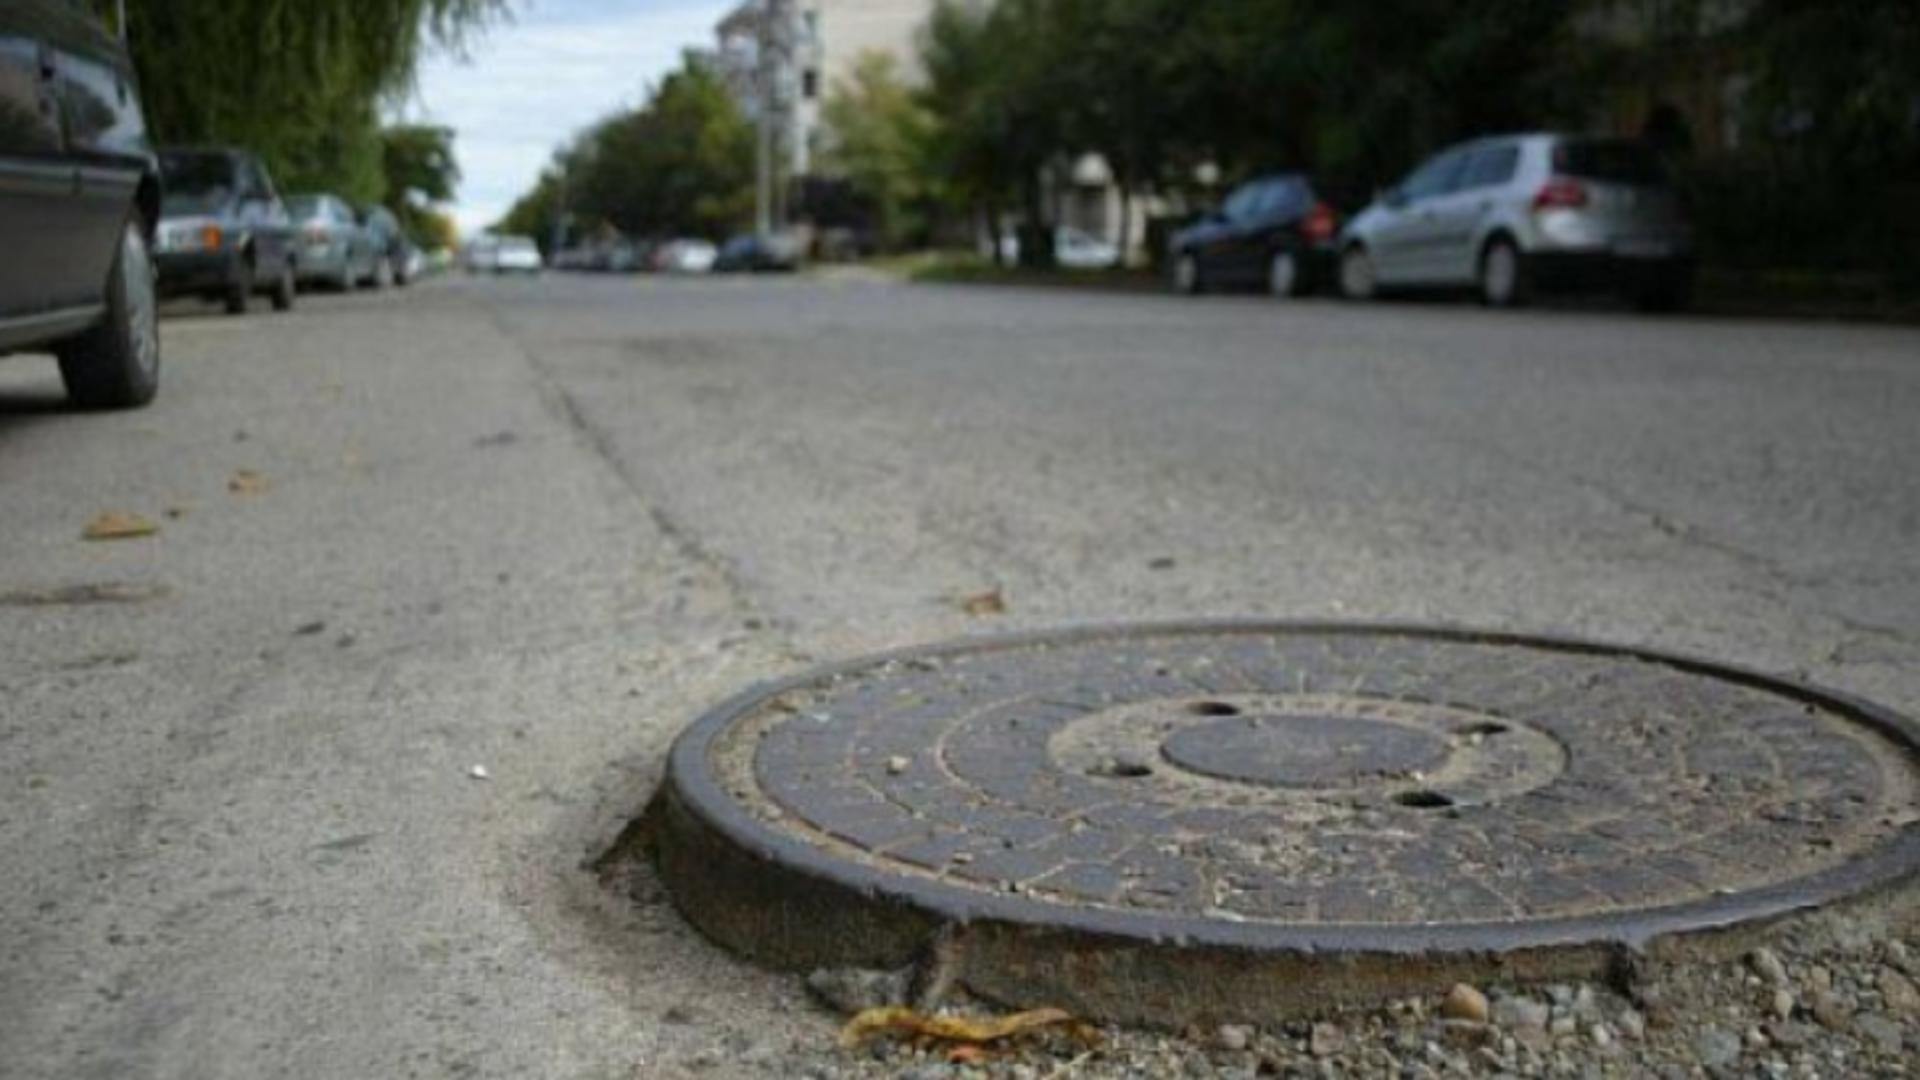 Moarte suspectă, în Capitală: tânăr de 18 ani, găsit spânzurat într-un canal. Era dat dispărut de trei zile